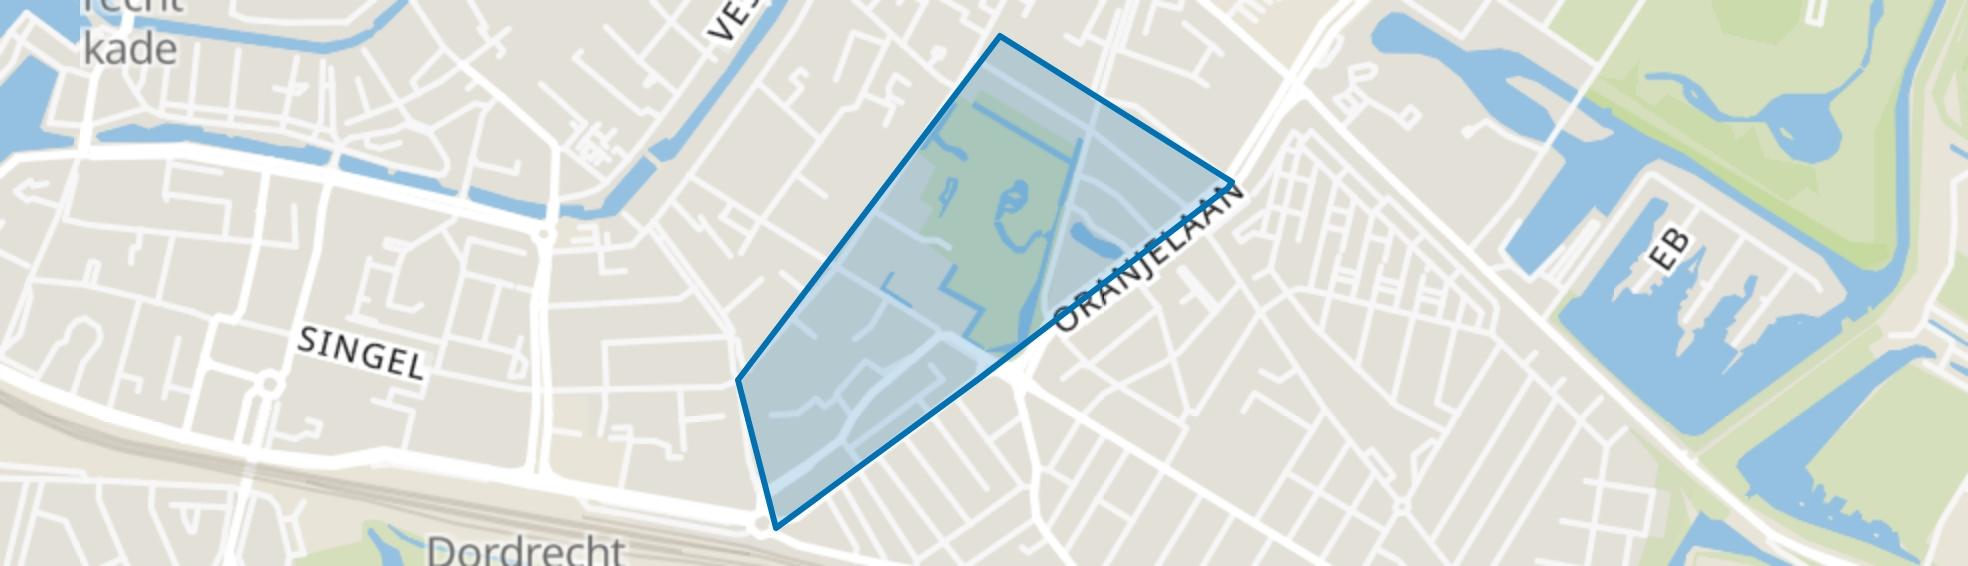 Park Merwestein en omgeving, Dordrecht map